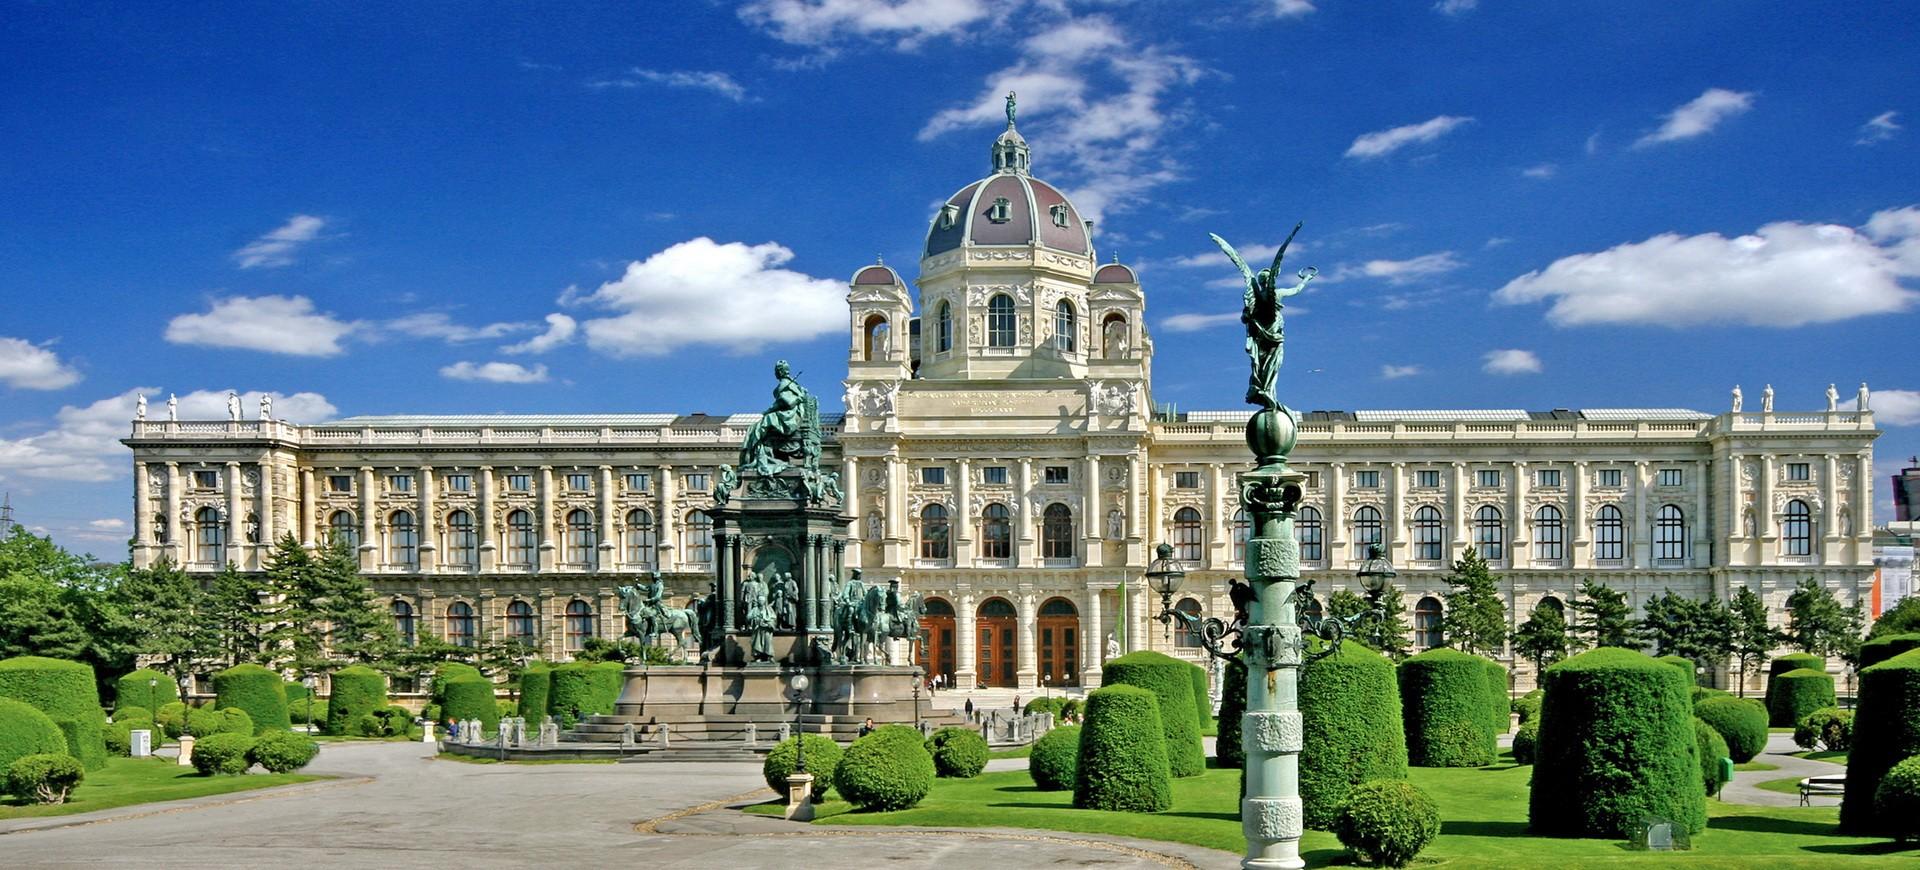 Autriche Vienne Kunsthistorisches  Musée